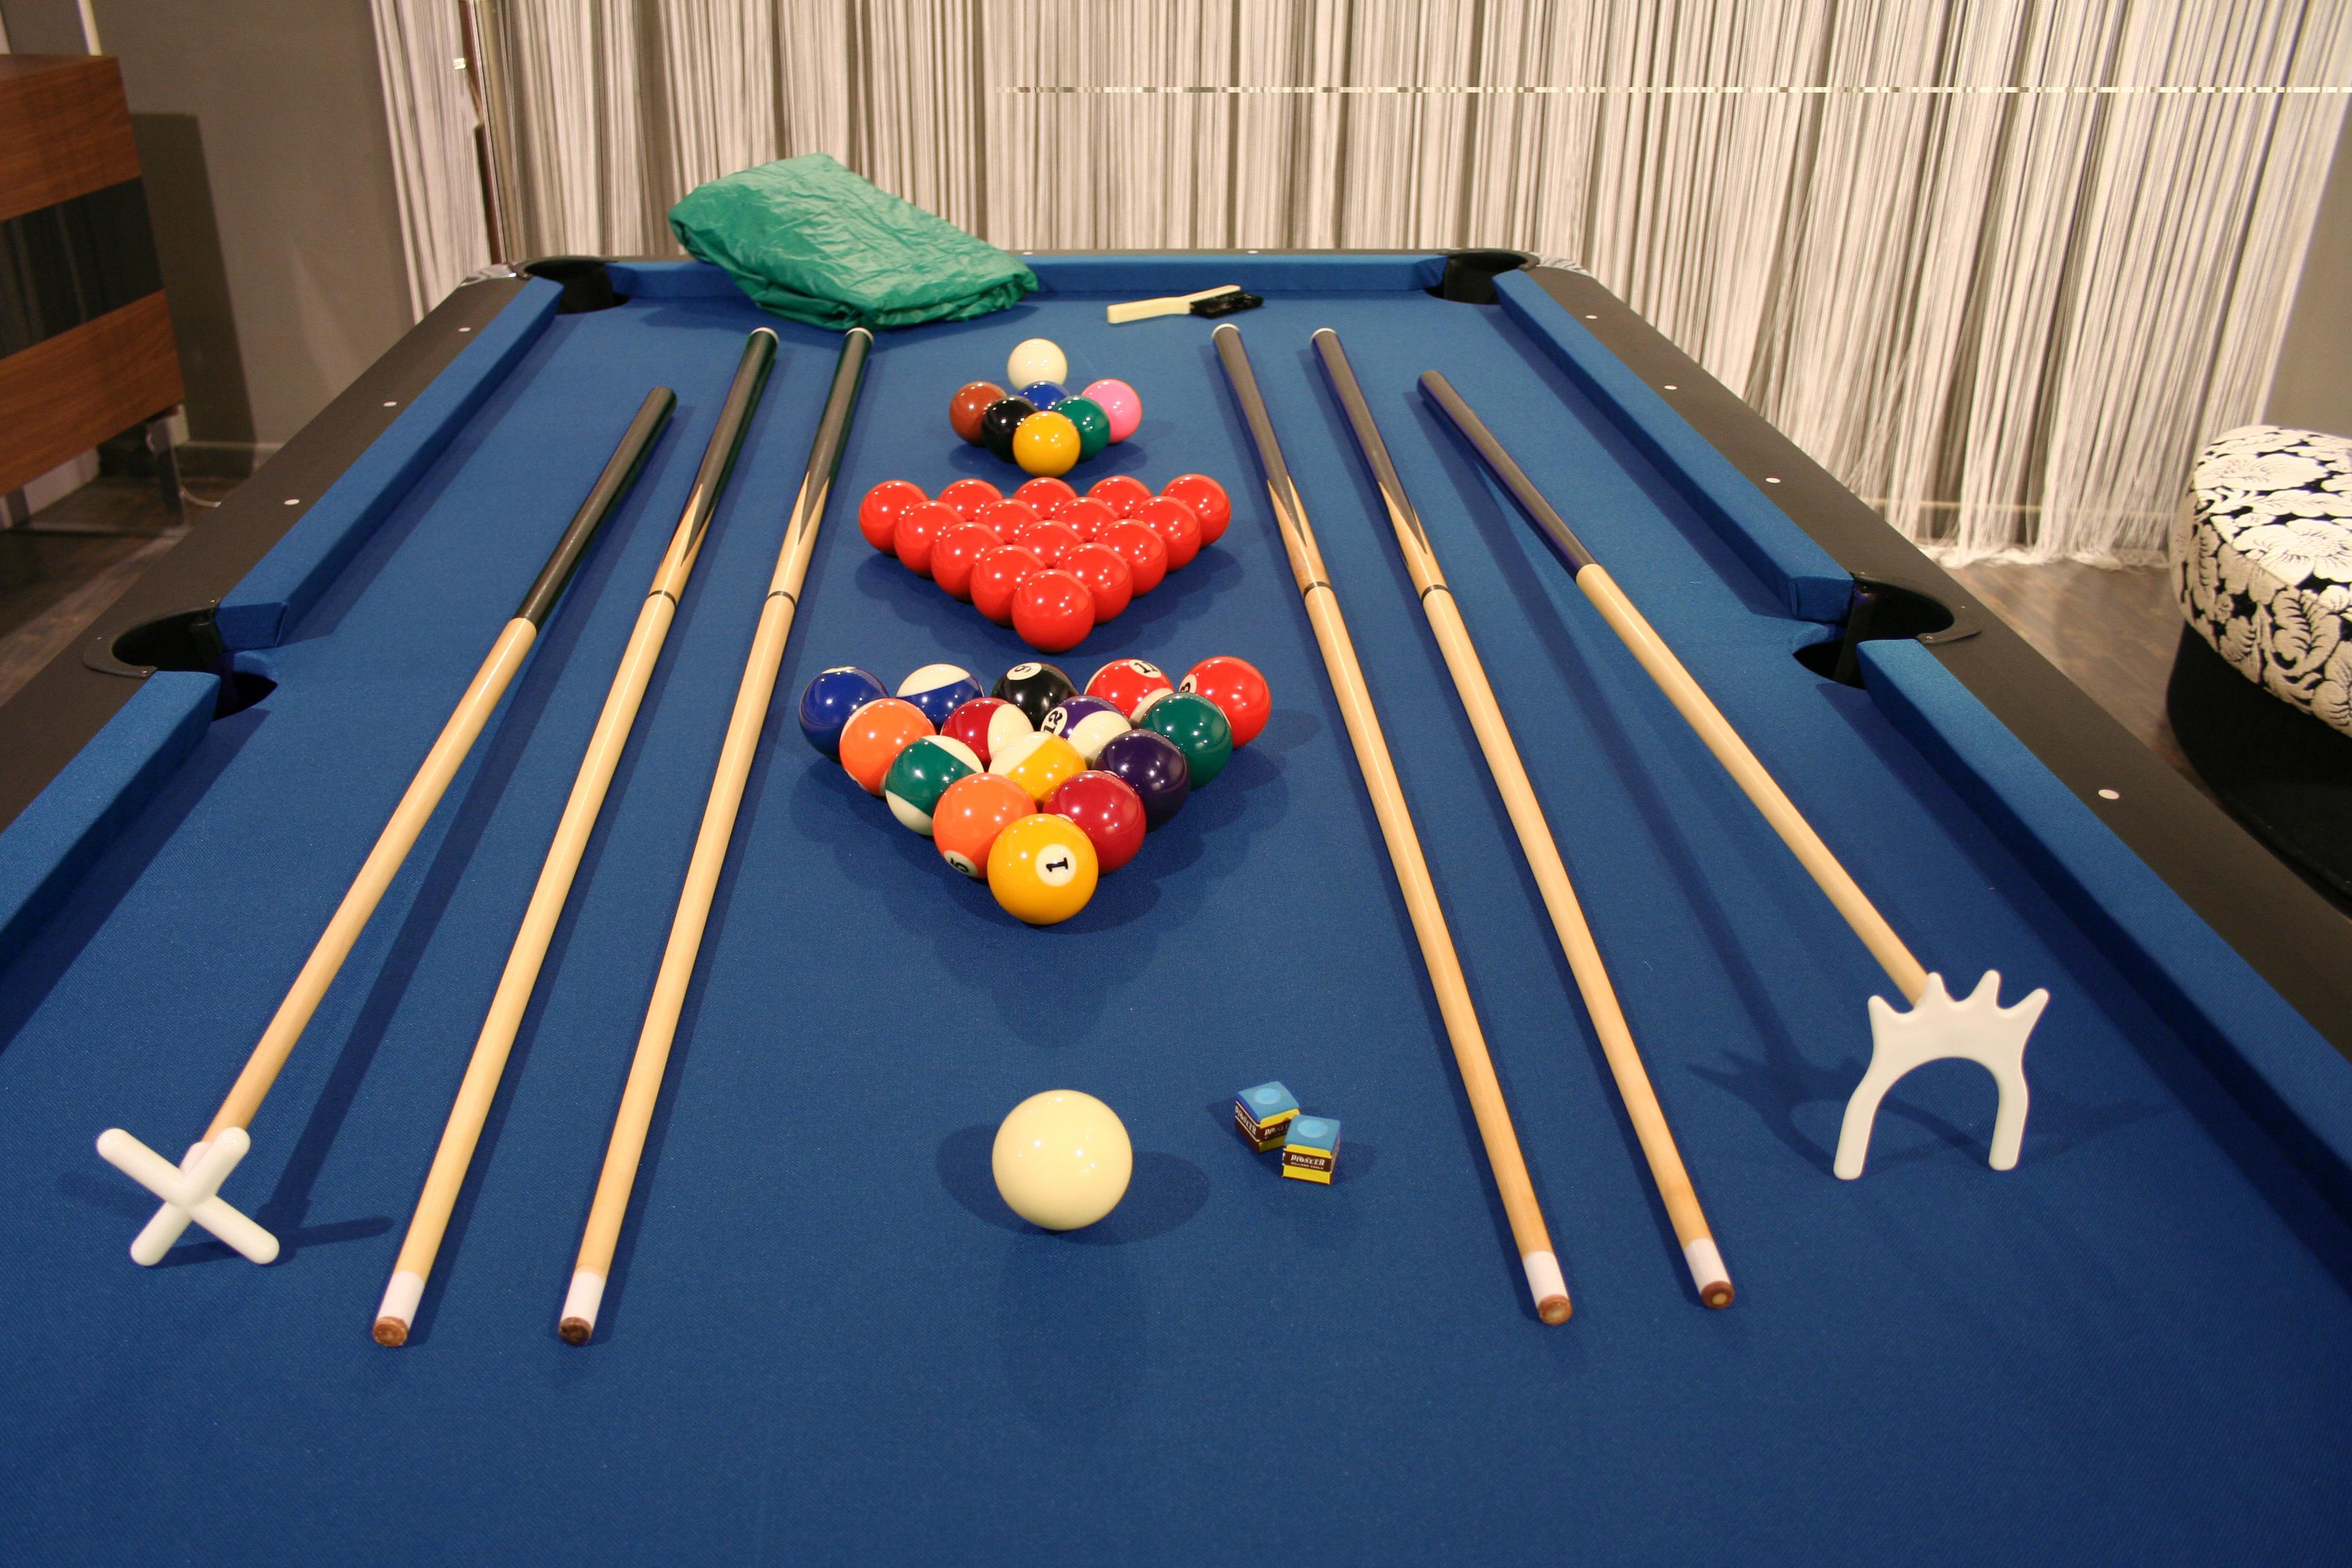 Tavolo da biliardo professionale accessori per carambola 6 stecche panno blu ebay - Dimensioni tavolo biliardo casa ...